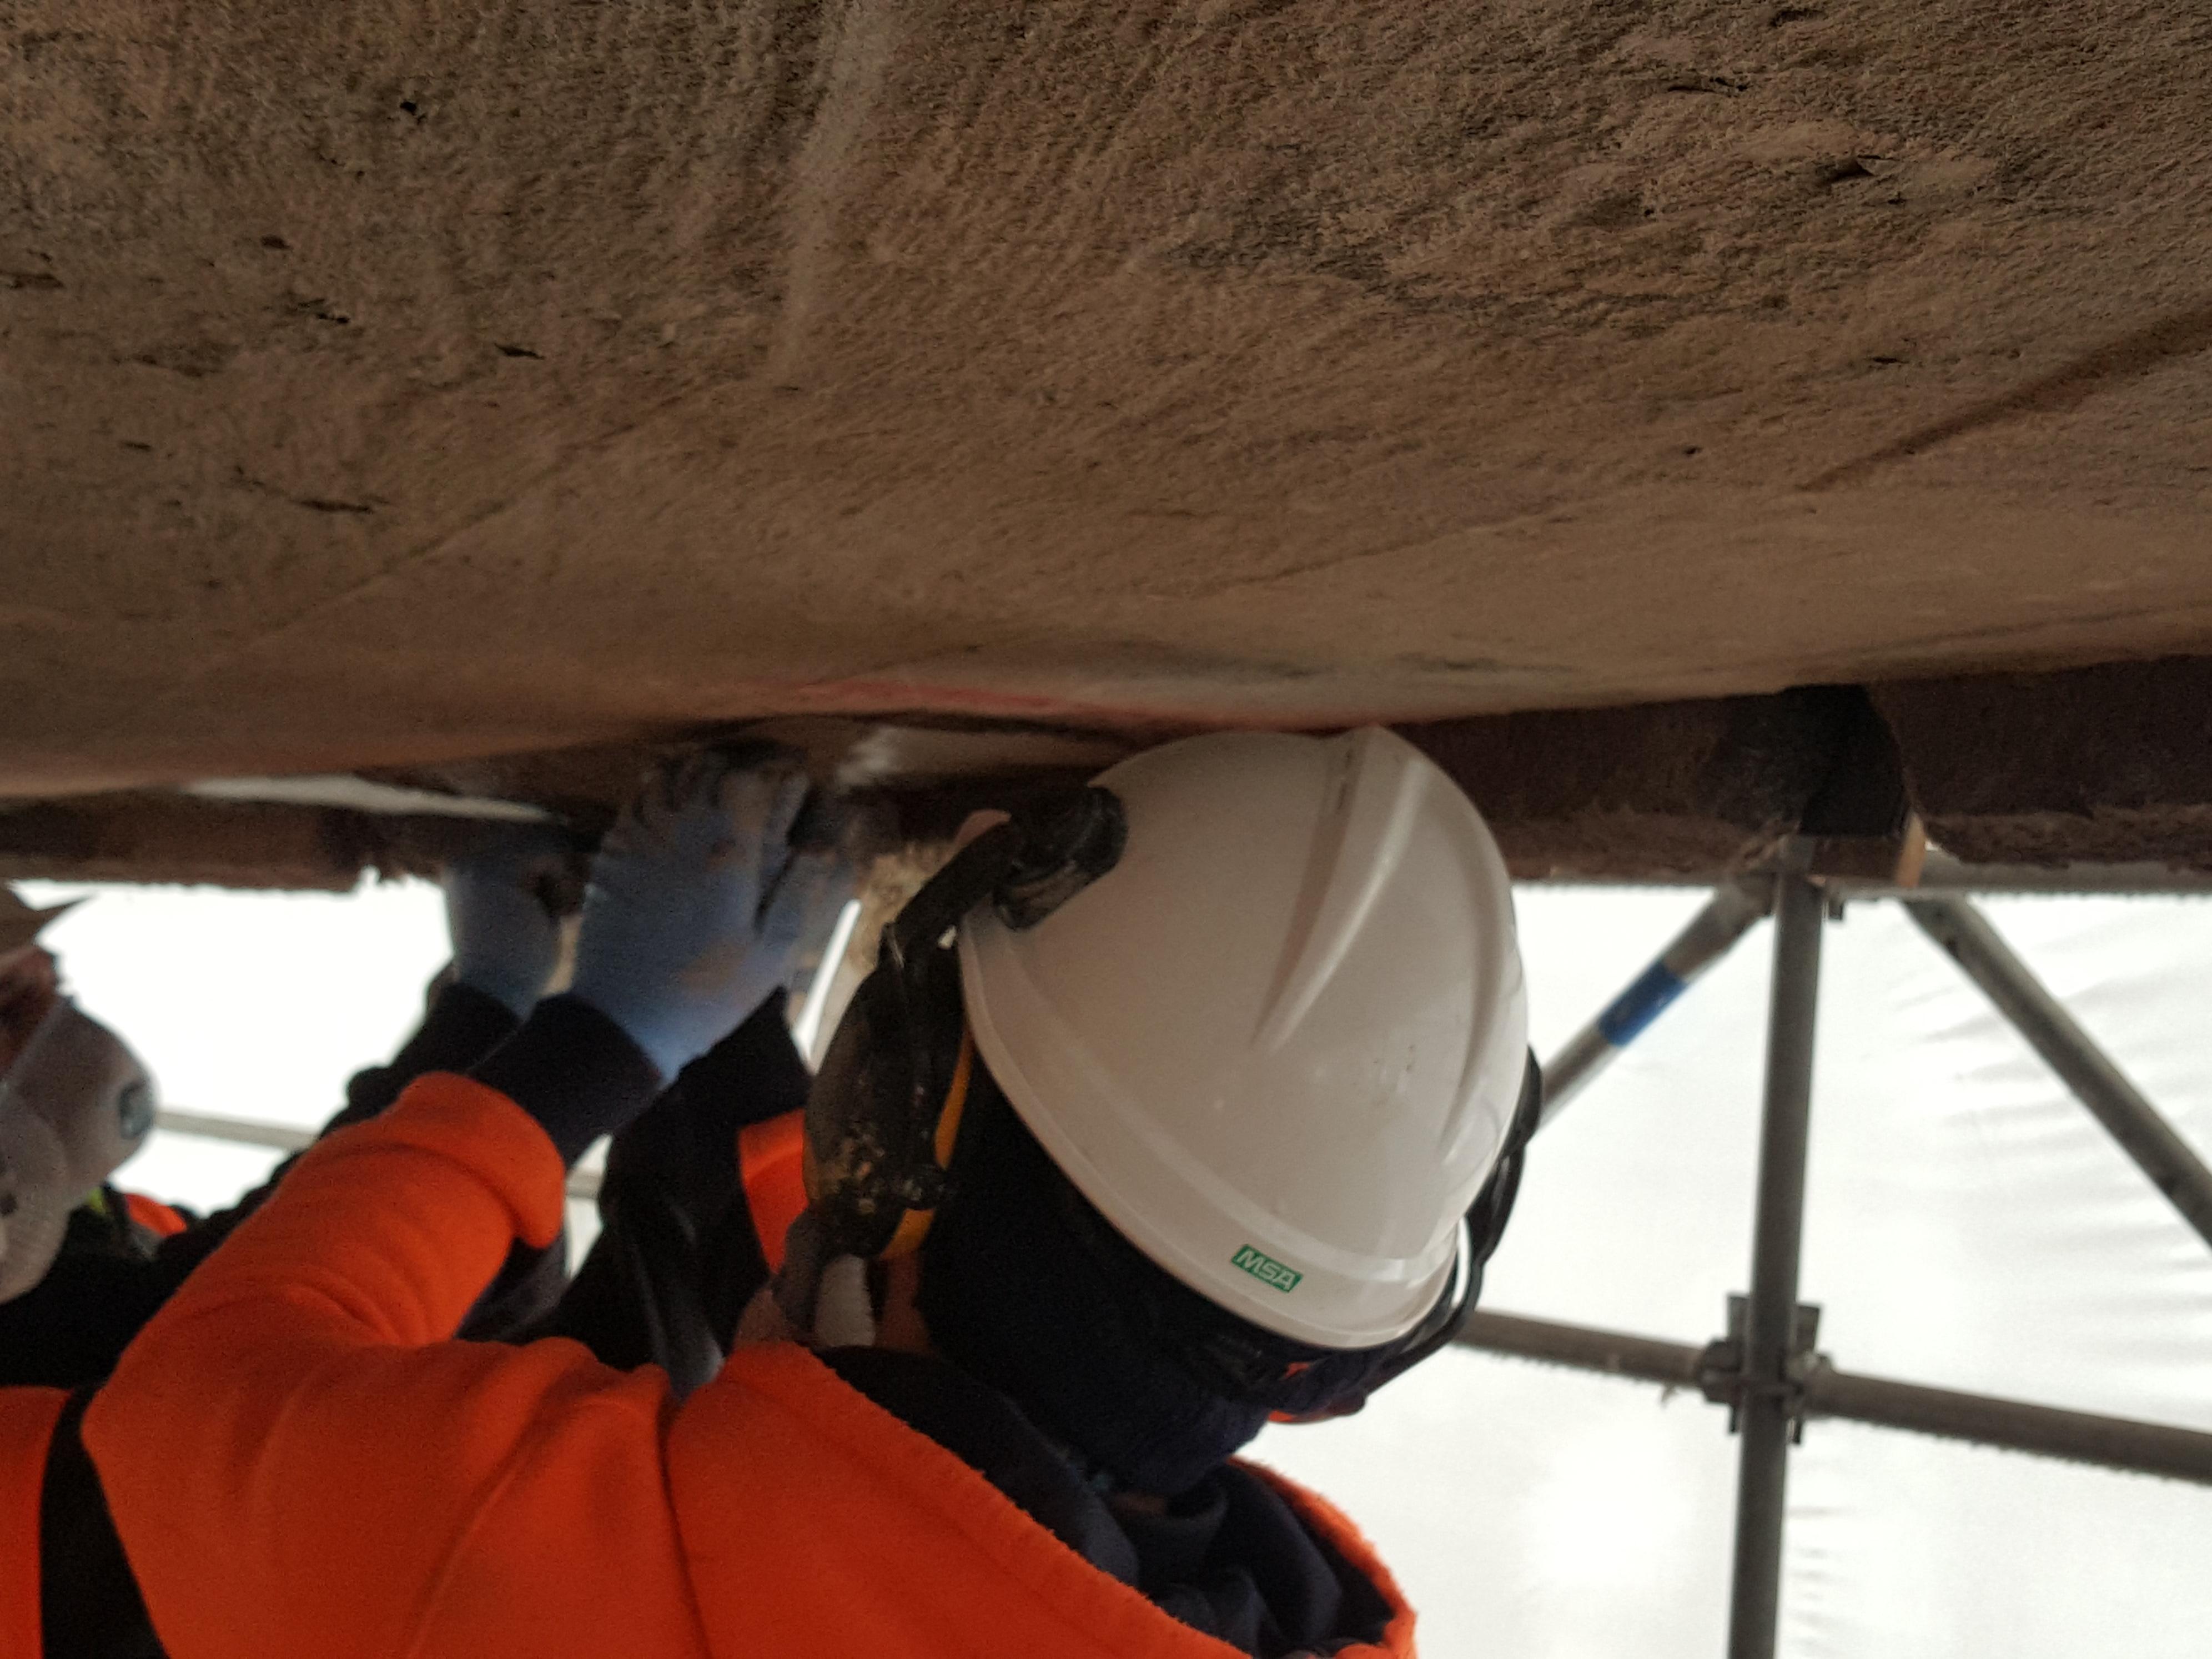 AIA Tower repair